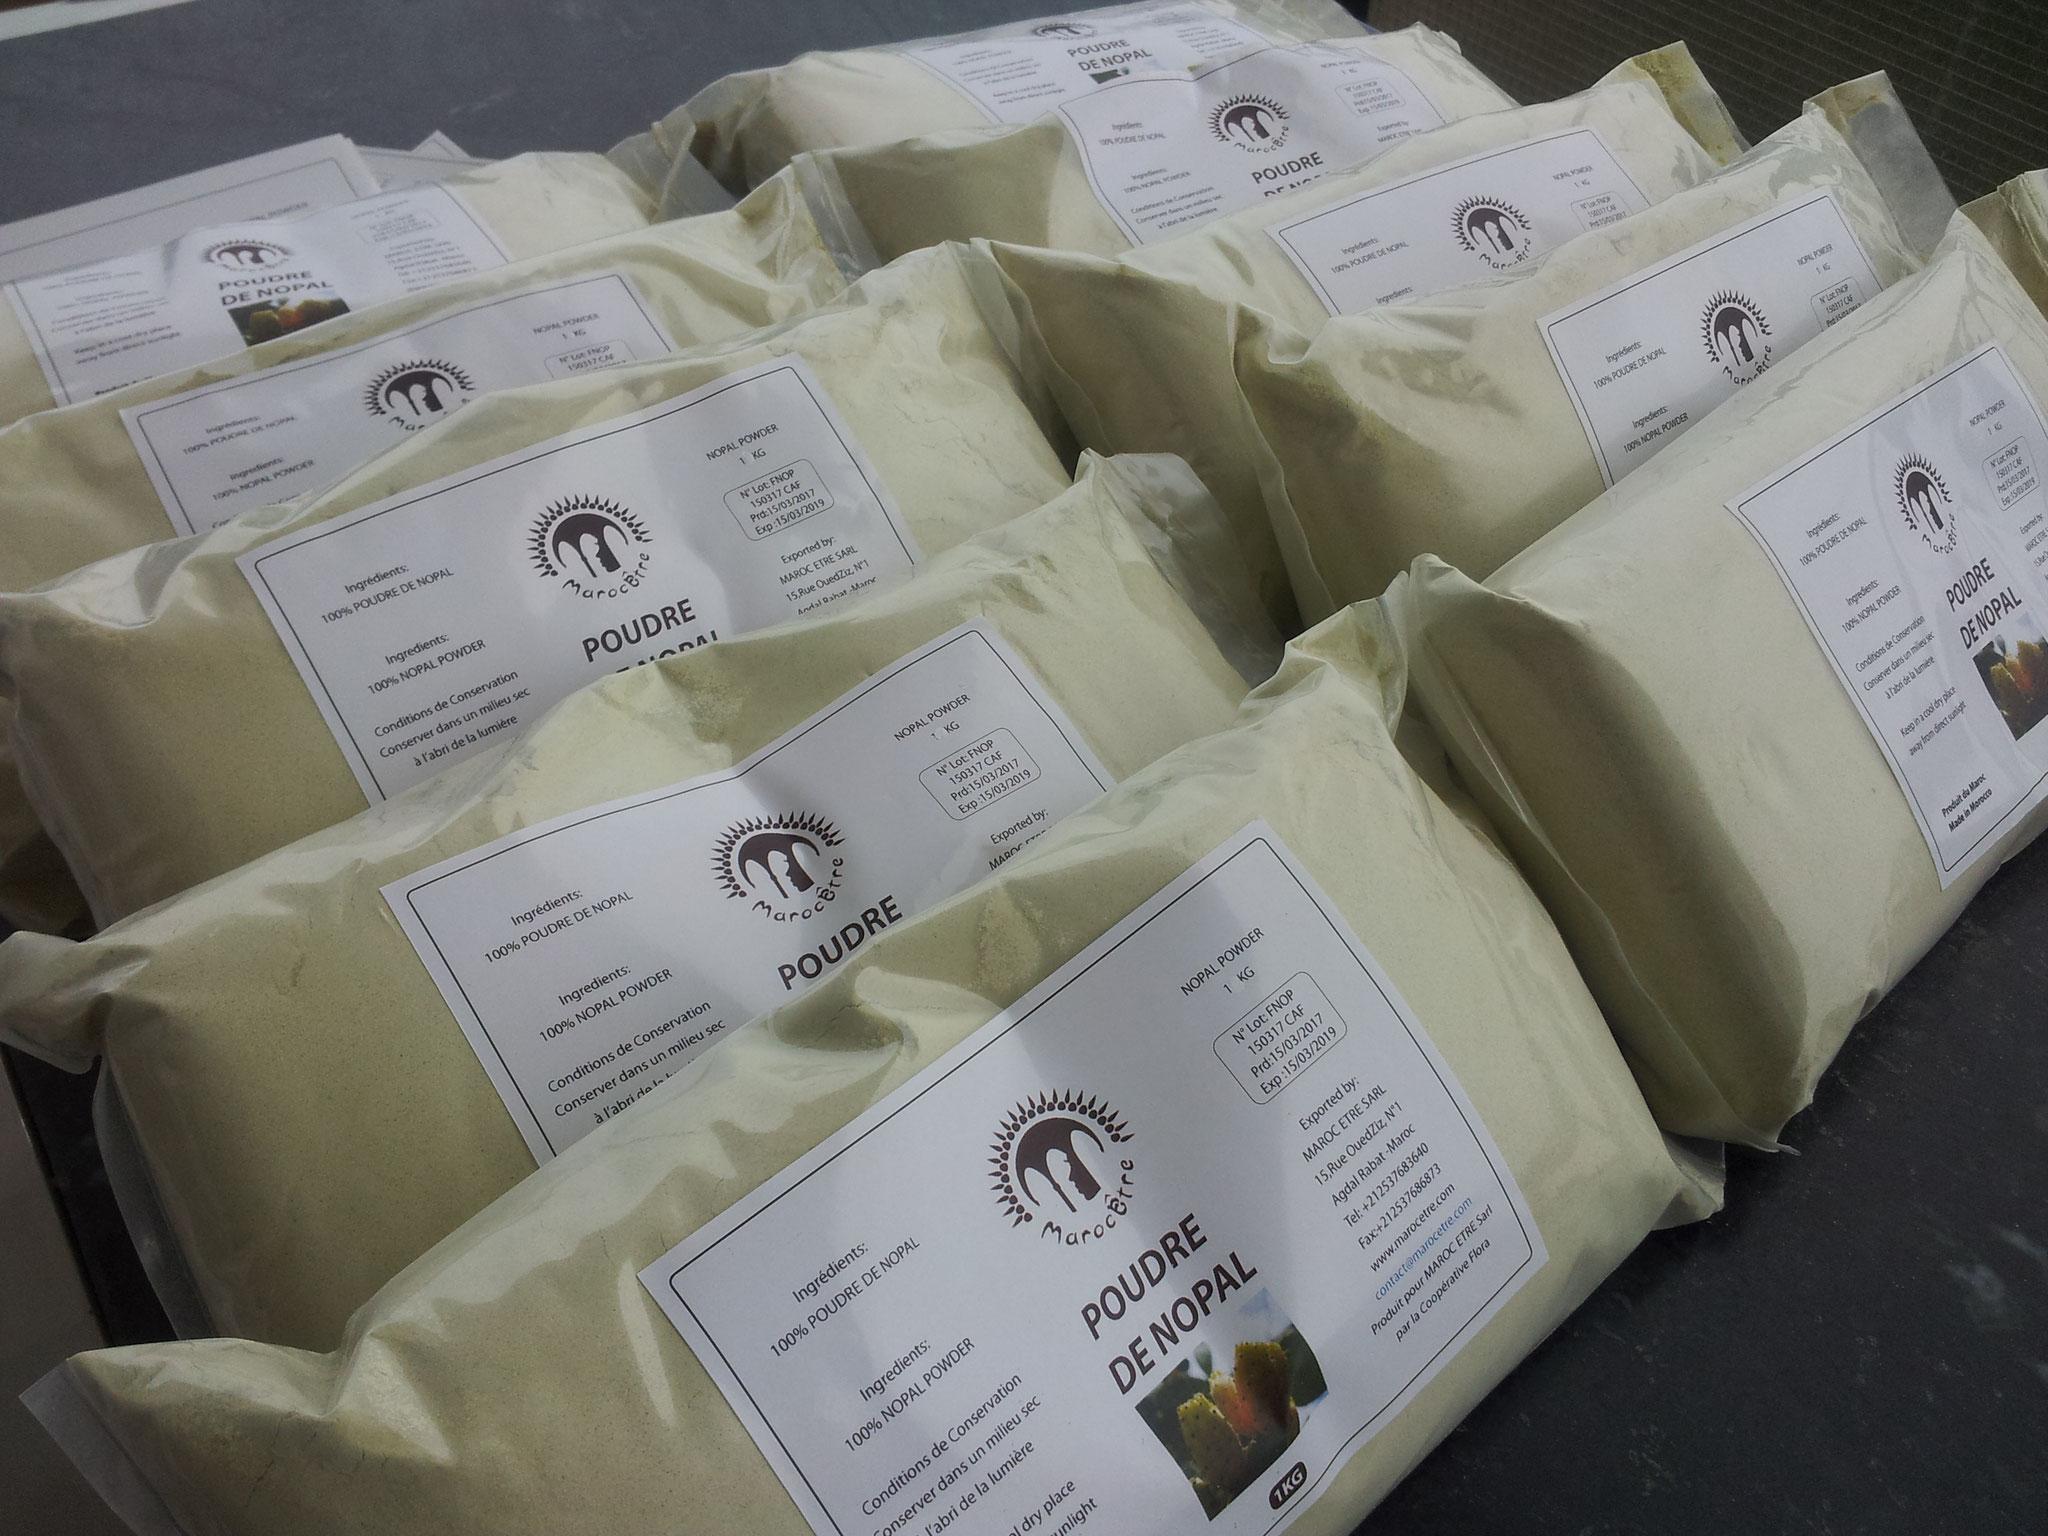 Nopal powder - BIO OILS